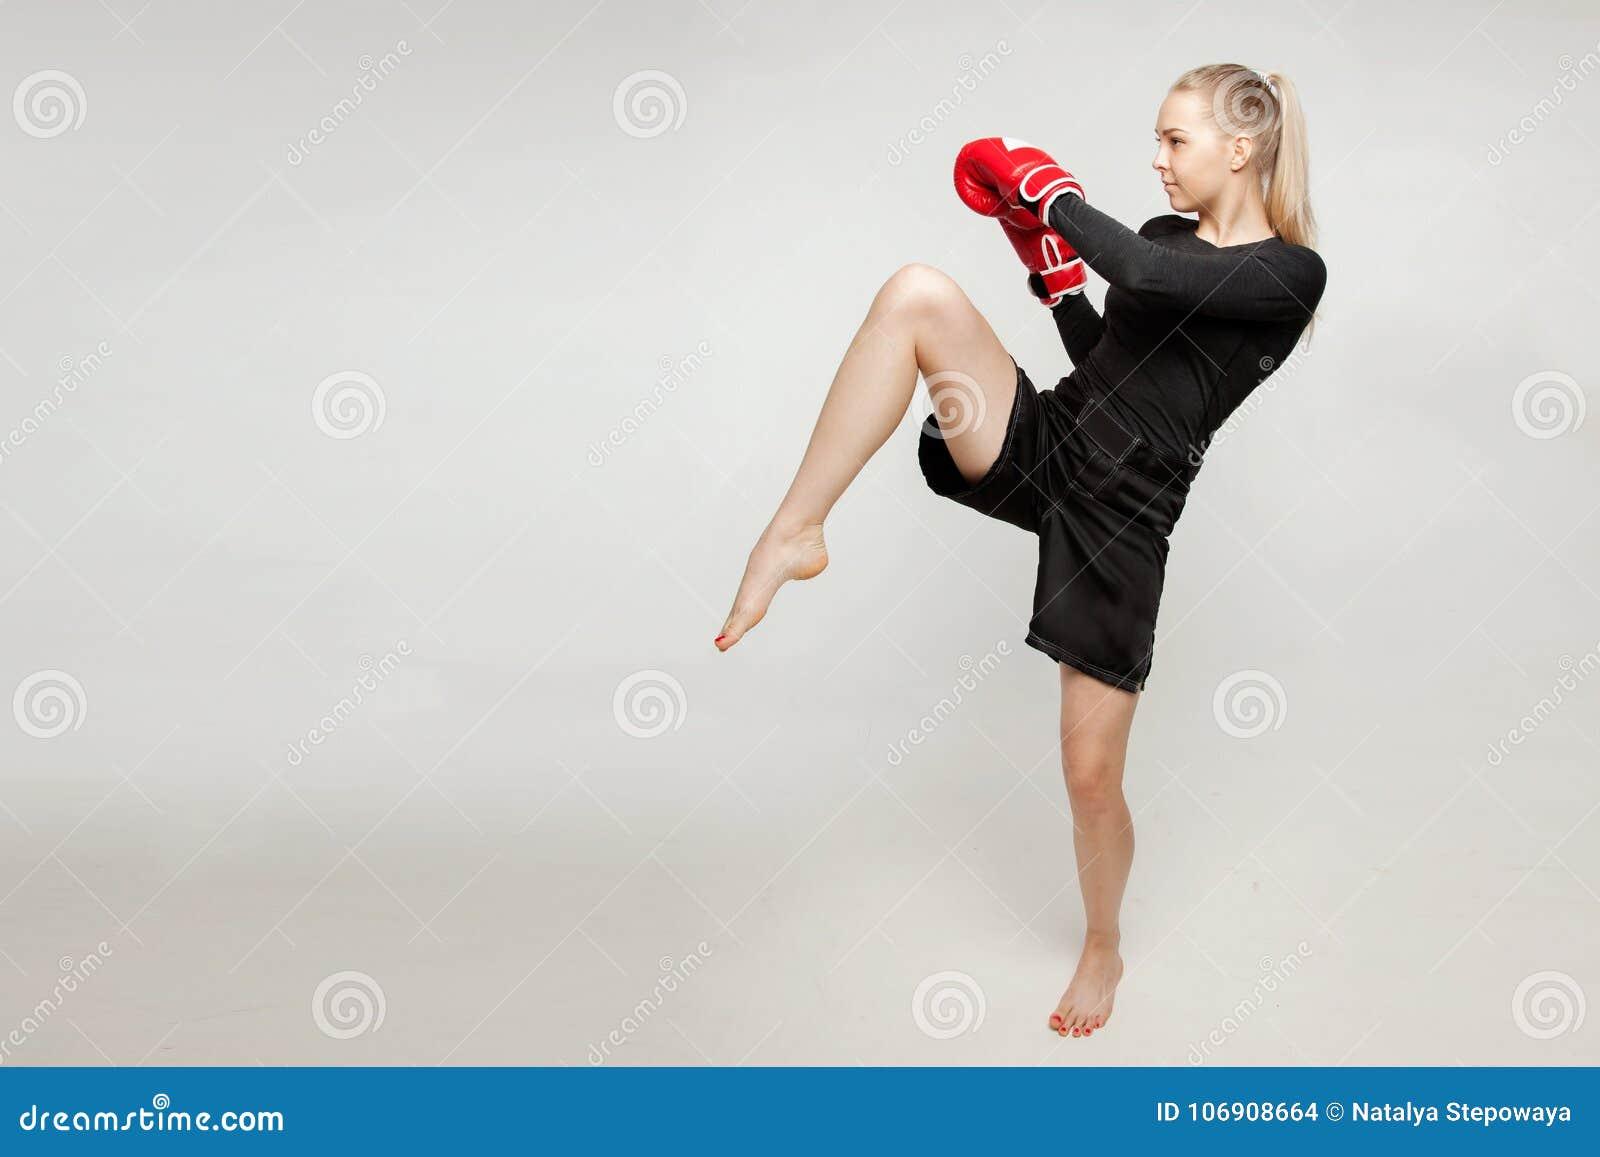 Piękna sportowa dziewczyna z bokserskimi rękawiczkami uderza wysoką stopę